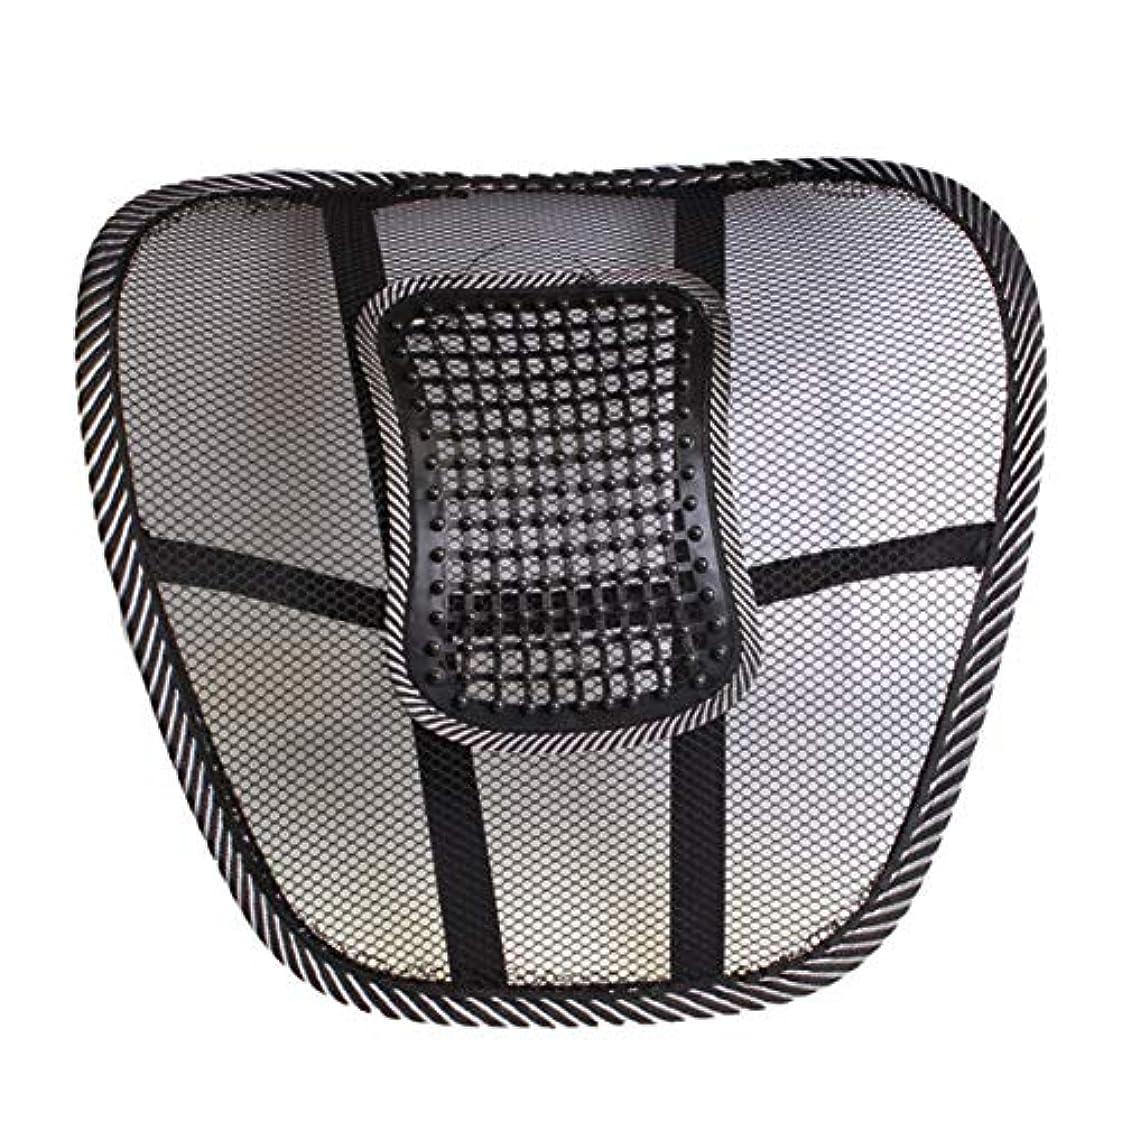 望むワードローブ間違いなくメッシュカバー付き腰椎サポートクッション腰痛緩和のためのバランスのとれた硬さ - 理想的なバックピロー